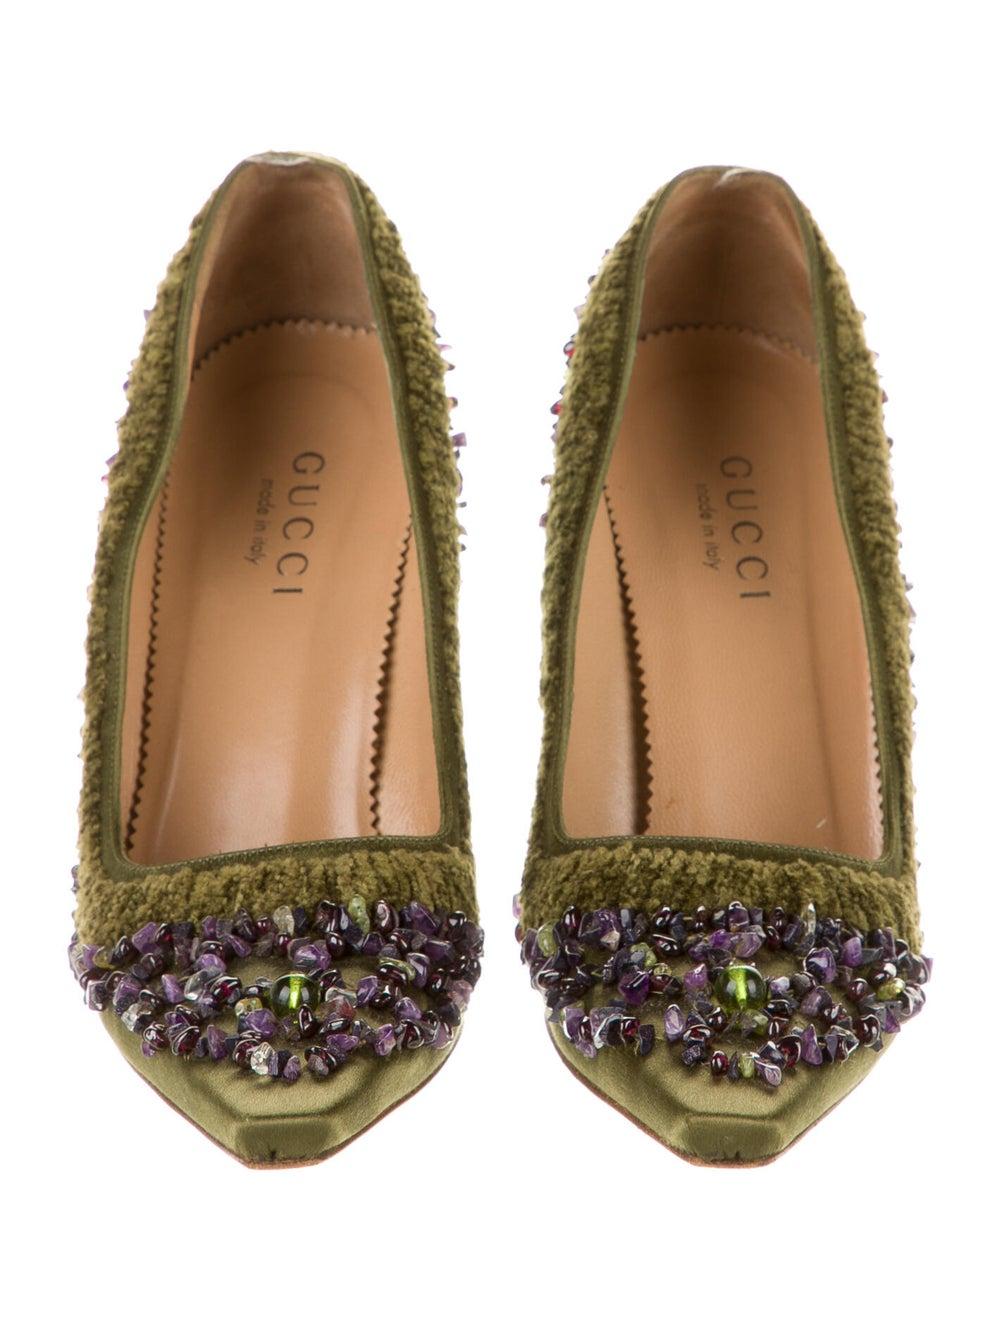 Gucci Pumps Green - image 3